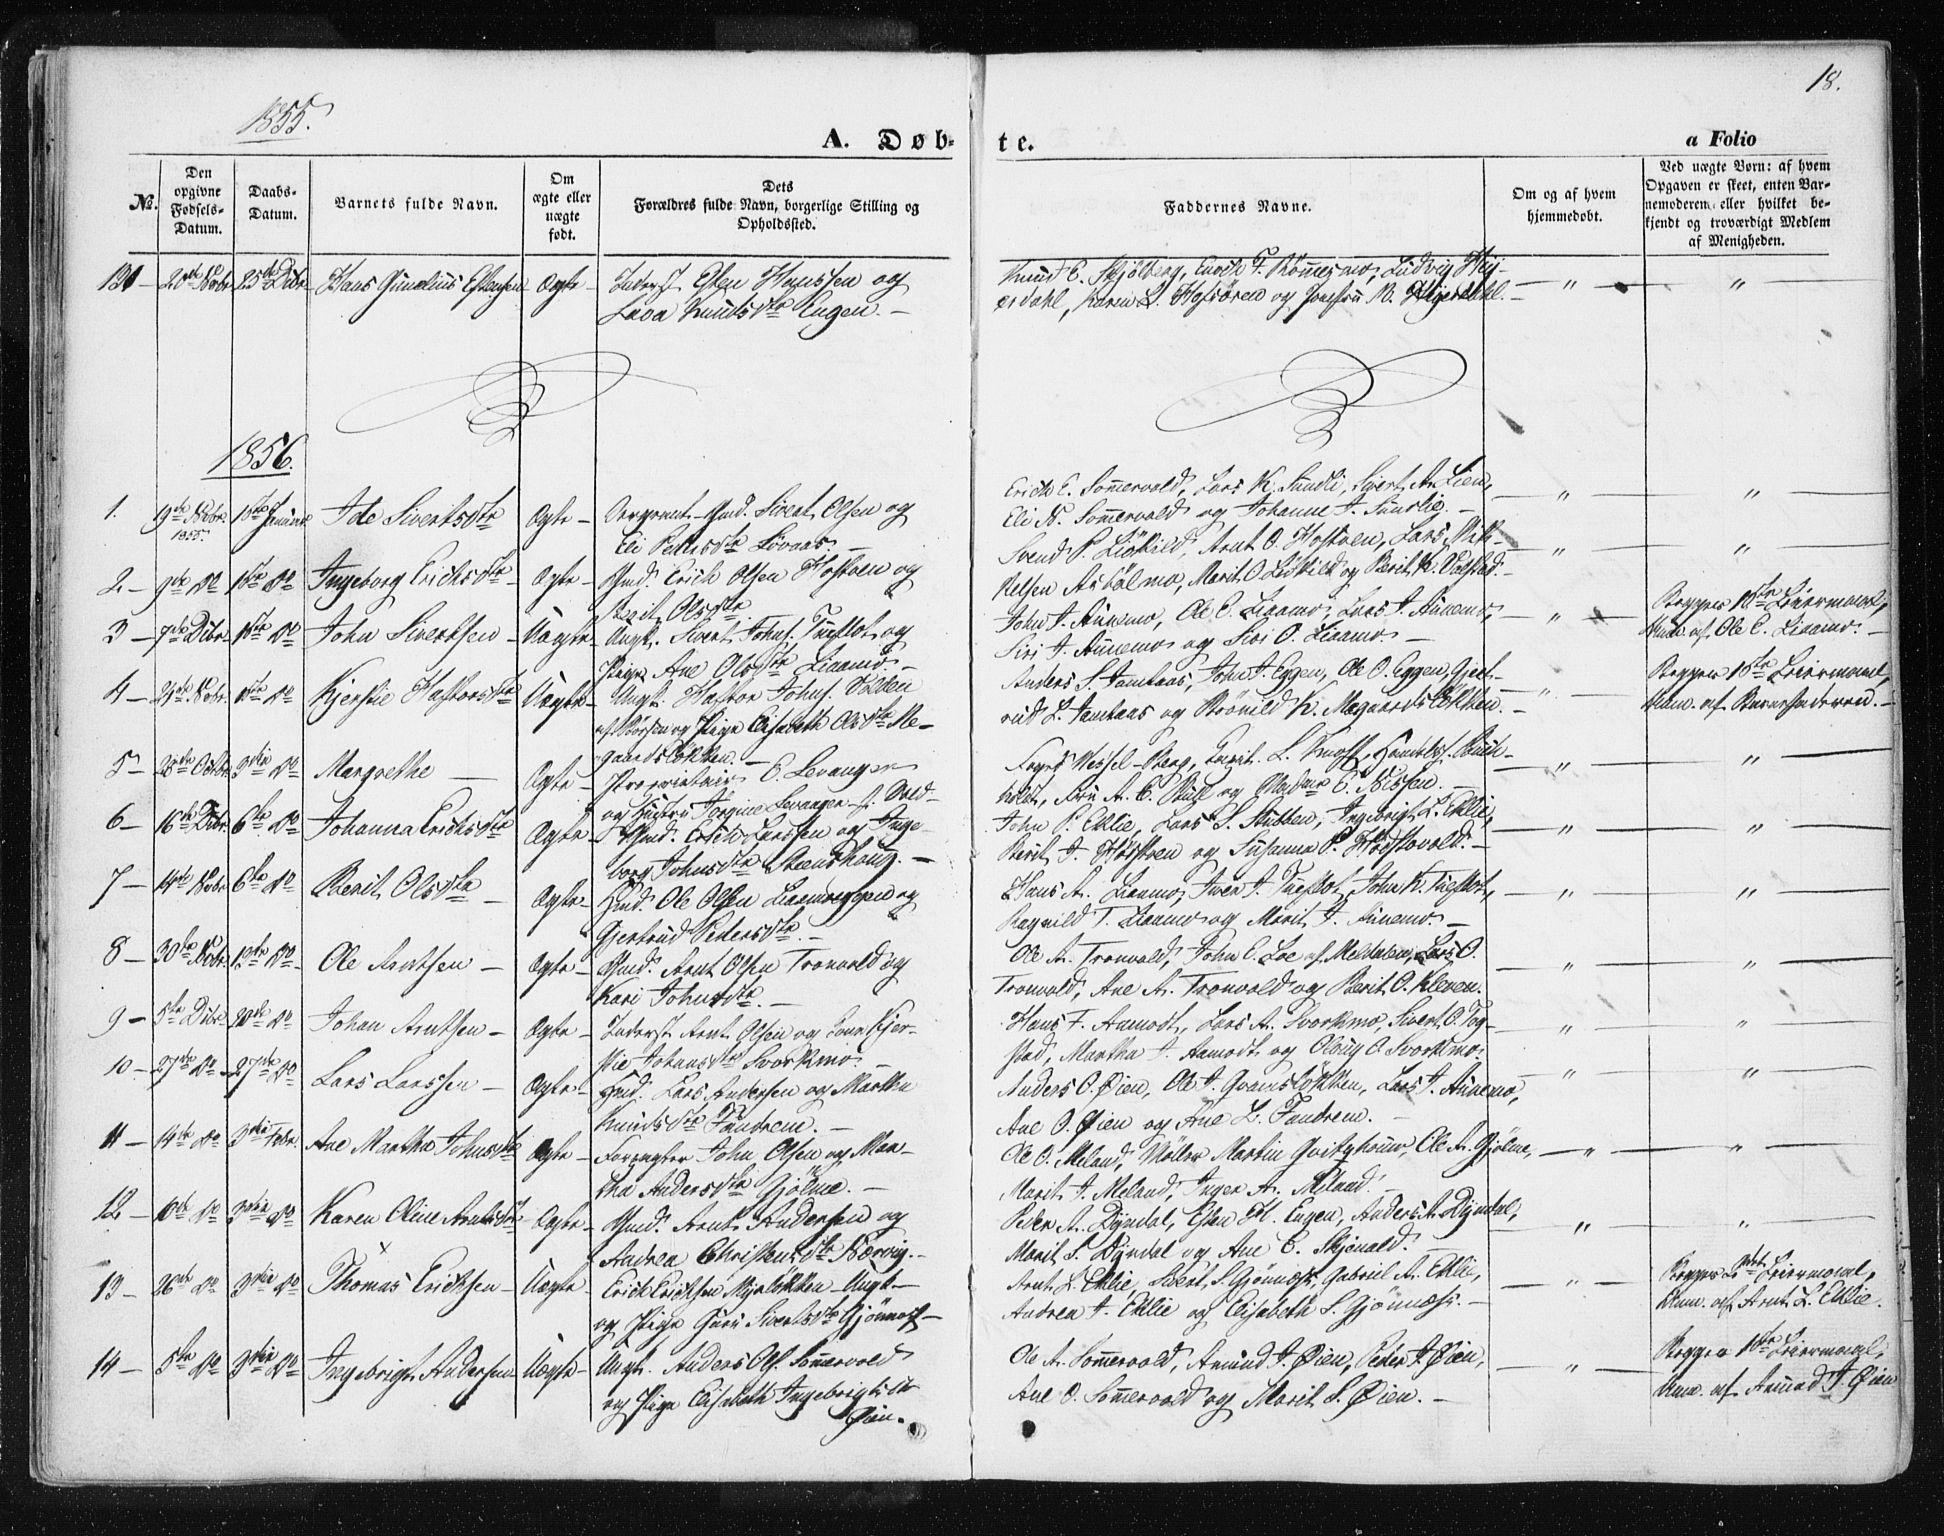 SAT, Ministerialprotokoller, klokkerbøker og fødselsregistre - Sør-Trøndelag, 668/L0806: Ministerialbok nr. 668A06, 1854-1869, s. 18